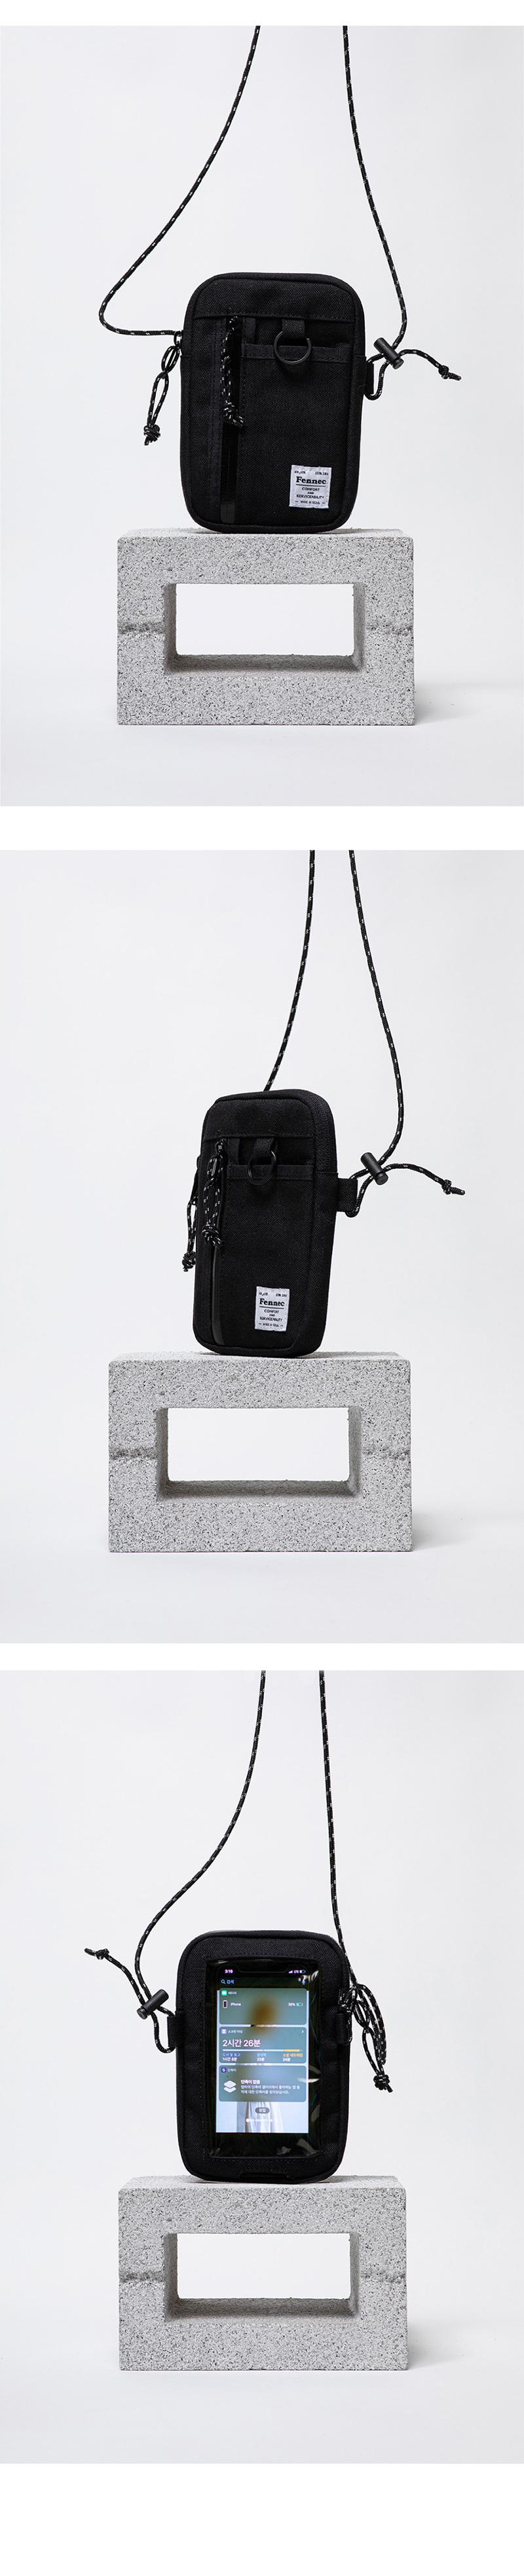 10x10-C_S-micro-bag-bk_03.jpg